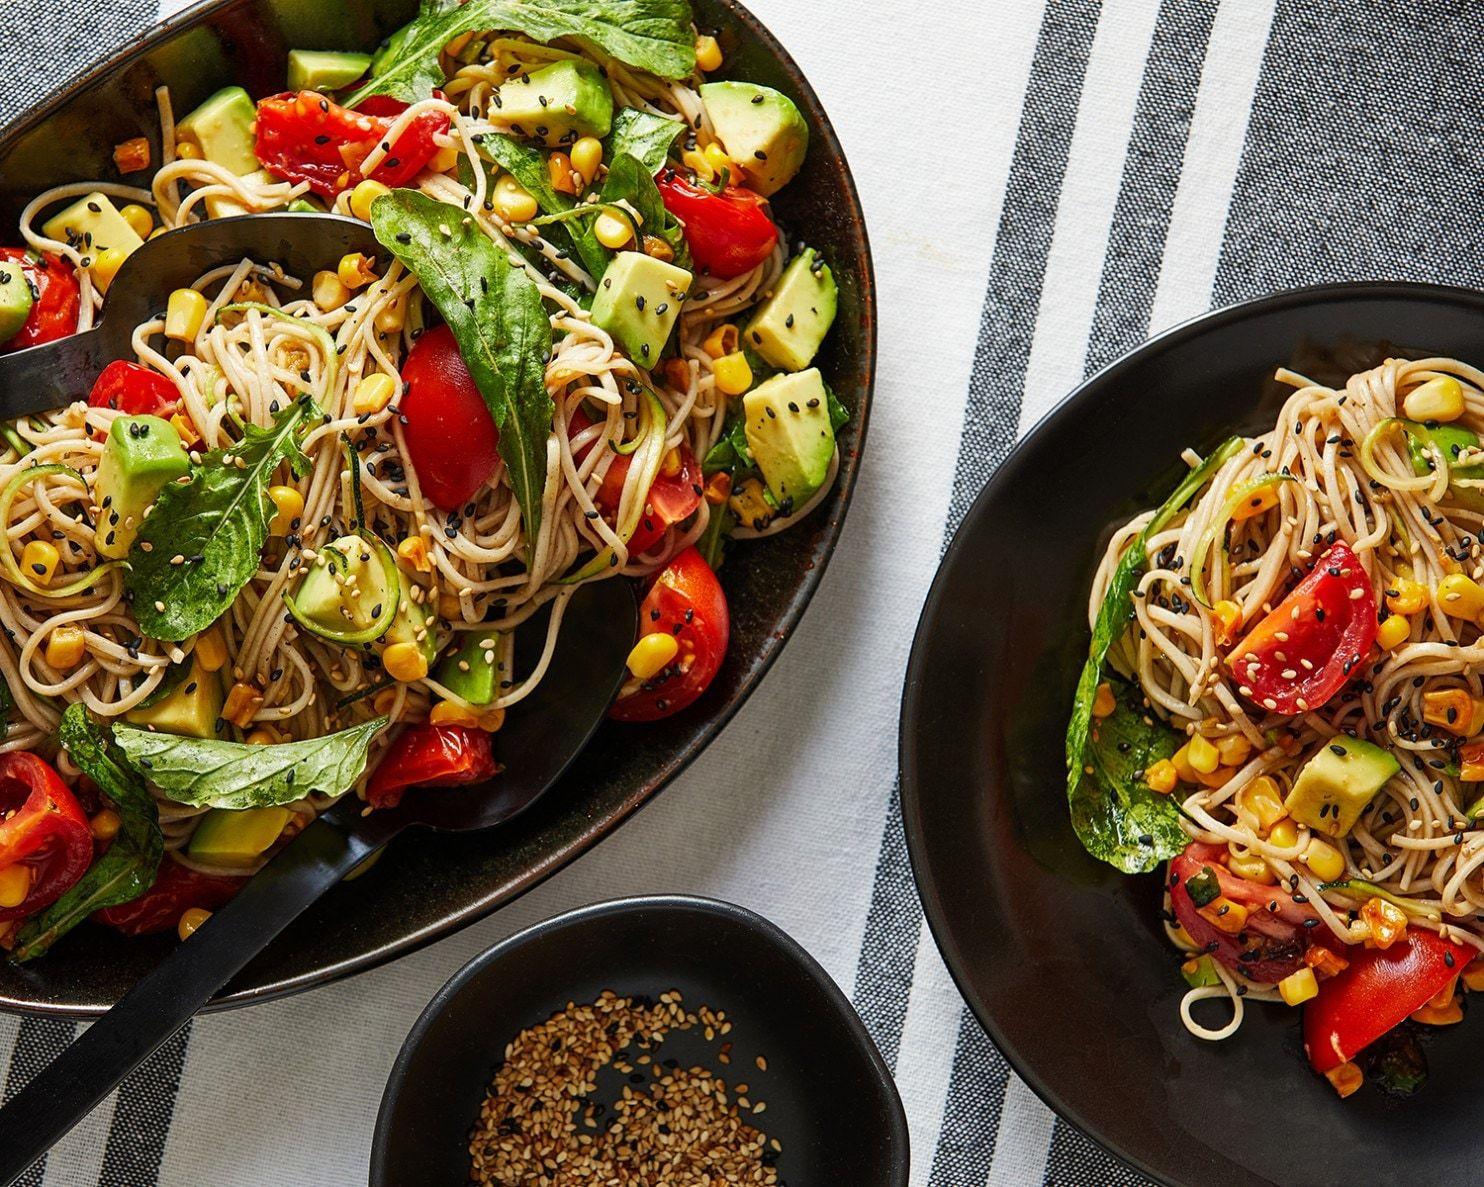 Summer Noodle Salad With Ginger Garlic Dressing Recipe Soba Noodles Pasta Salad Noodle Salad Recipes